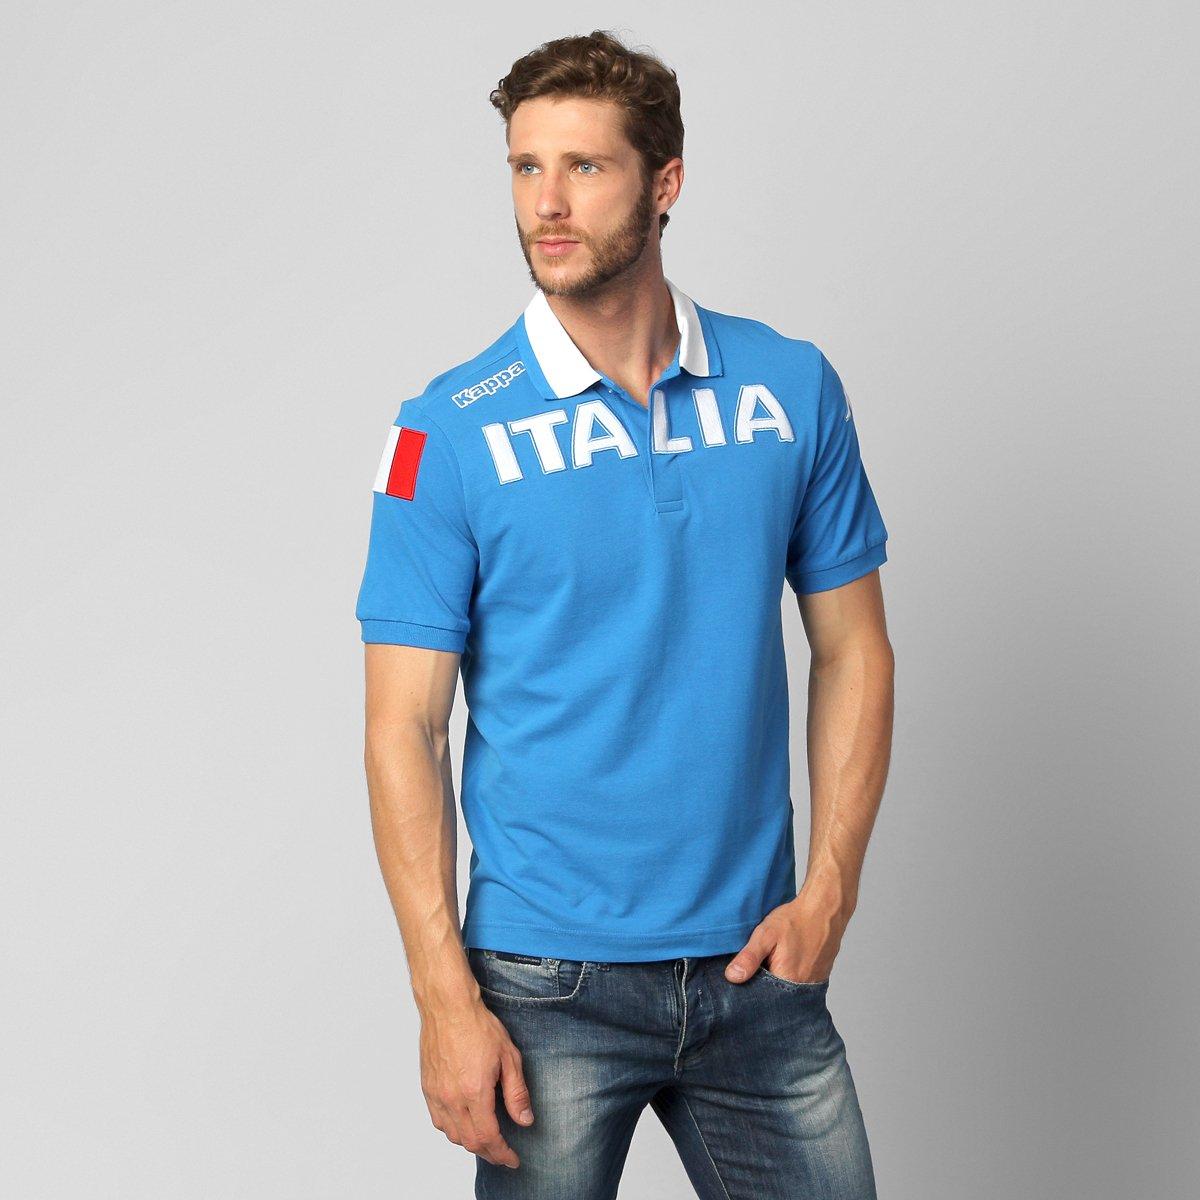 a8c954a963297 Camisa Polo Kappa Eroi Itália - Compre Agora